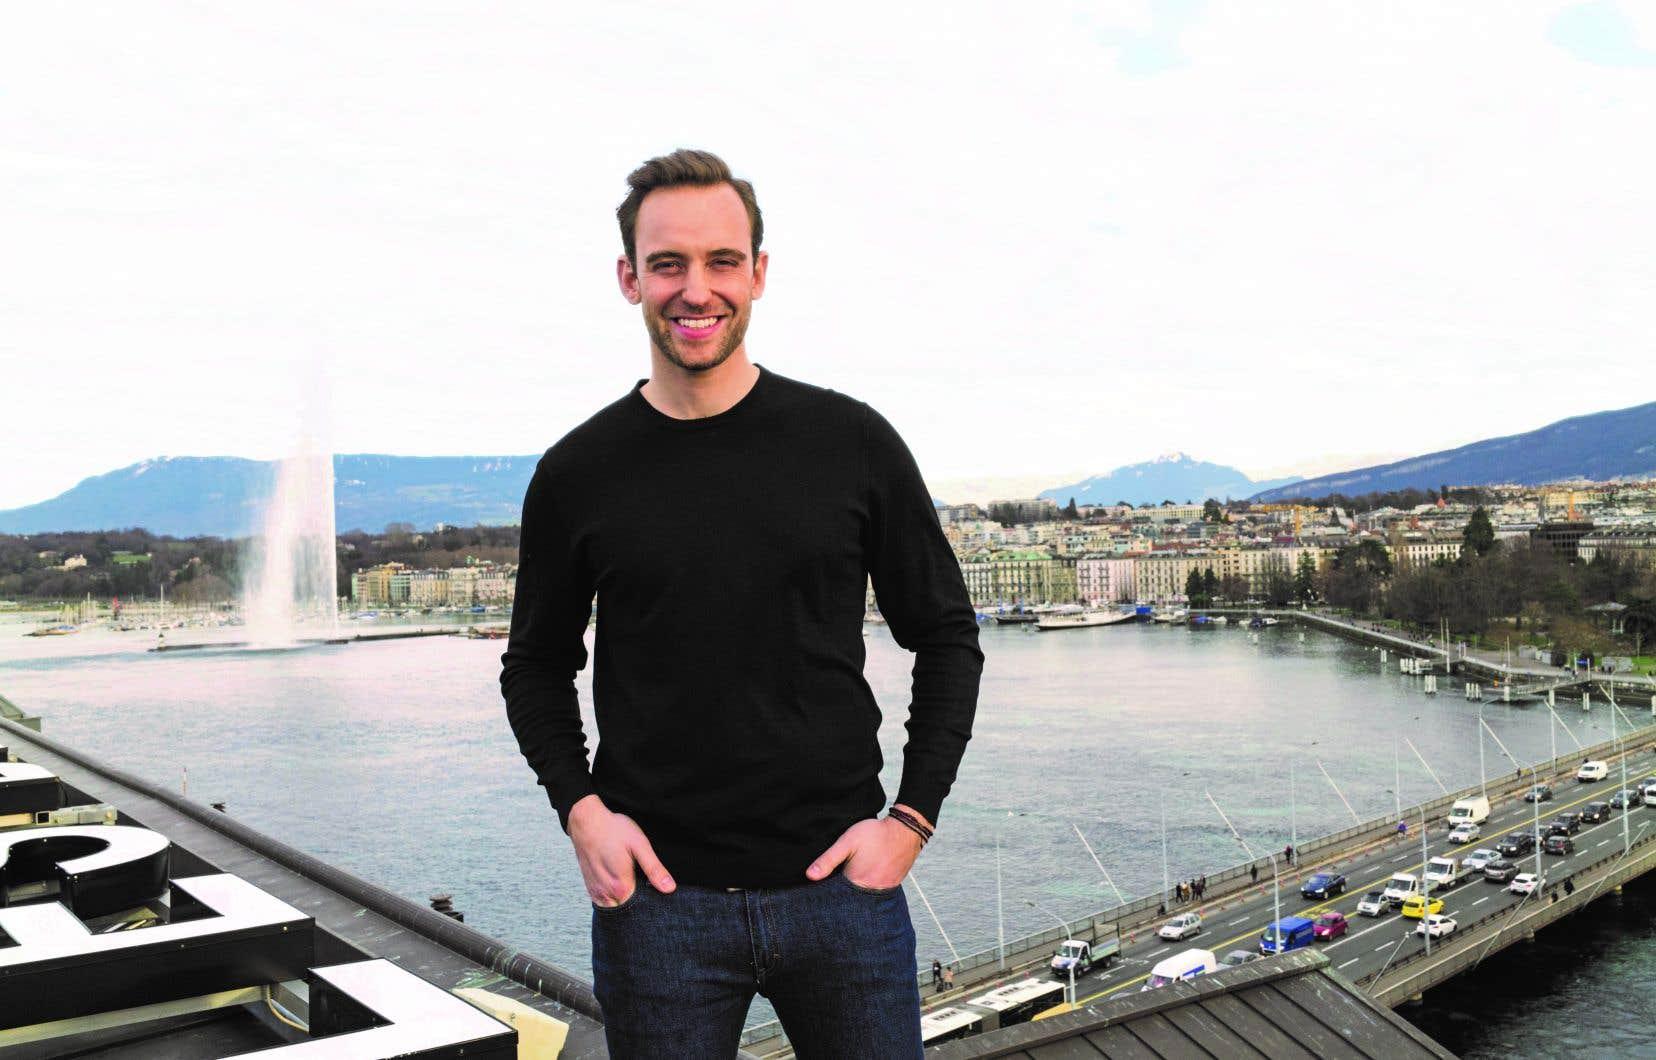 L'action de ce nouveau roman se déroule à Genève, sa ville natale. Est-ce cette proximité de l'écrivain avec cette ville et son milieu qui fait que les personnages du roman deviennent presque caricaturaux?